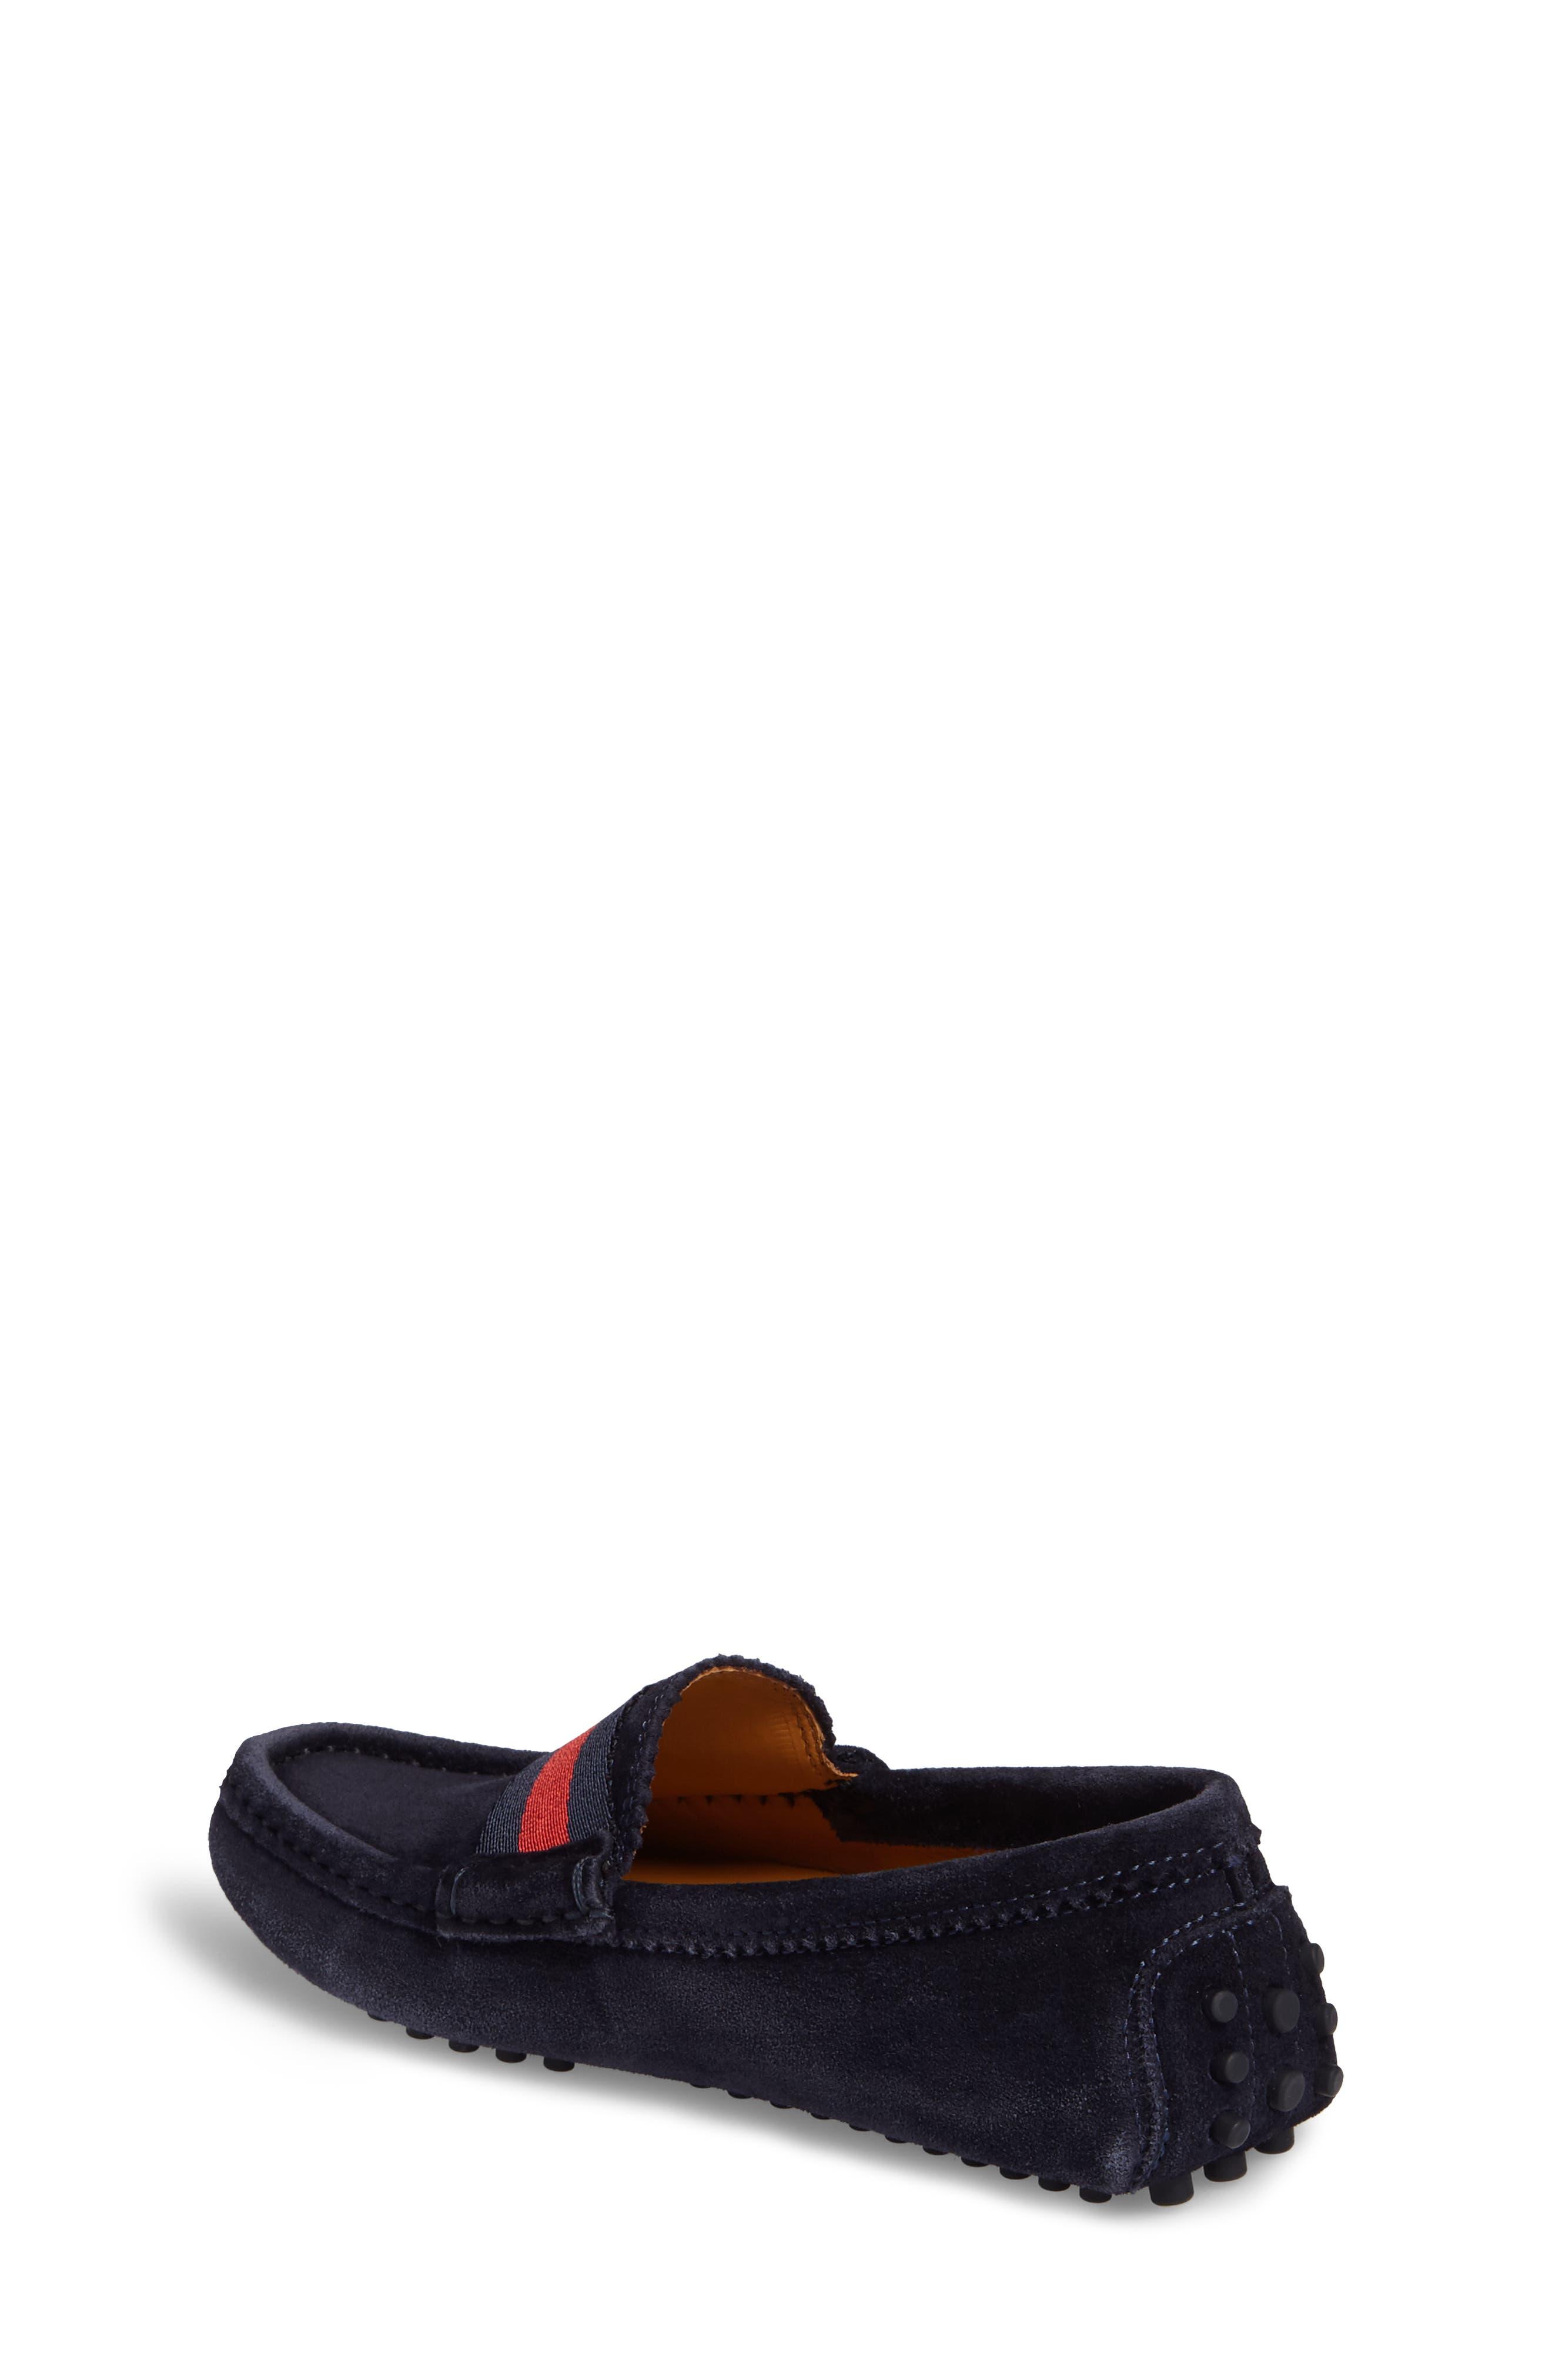 Dandy Junior Driving Shoe,                             Alternate thumbnail 2, color,                             Blue Suede